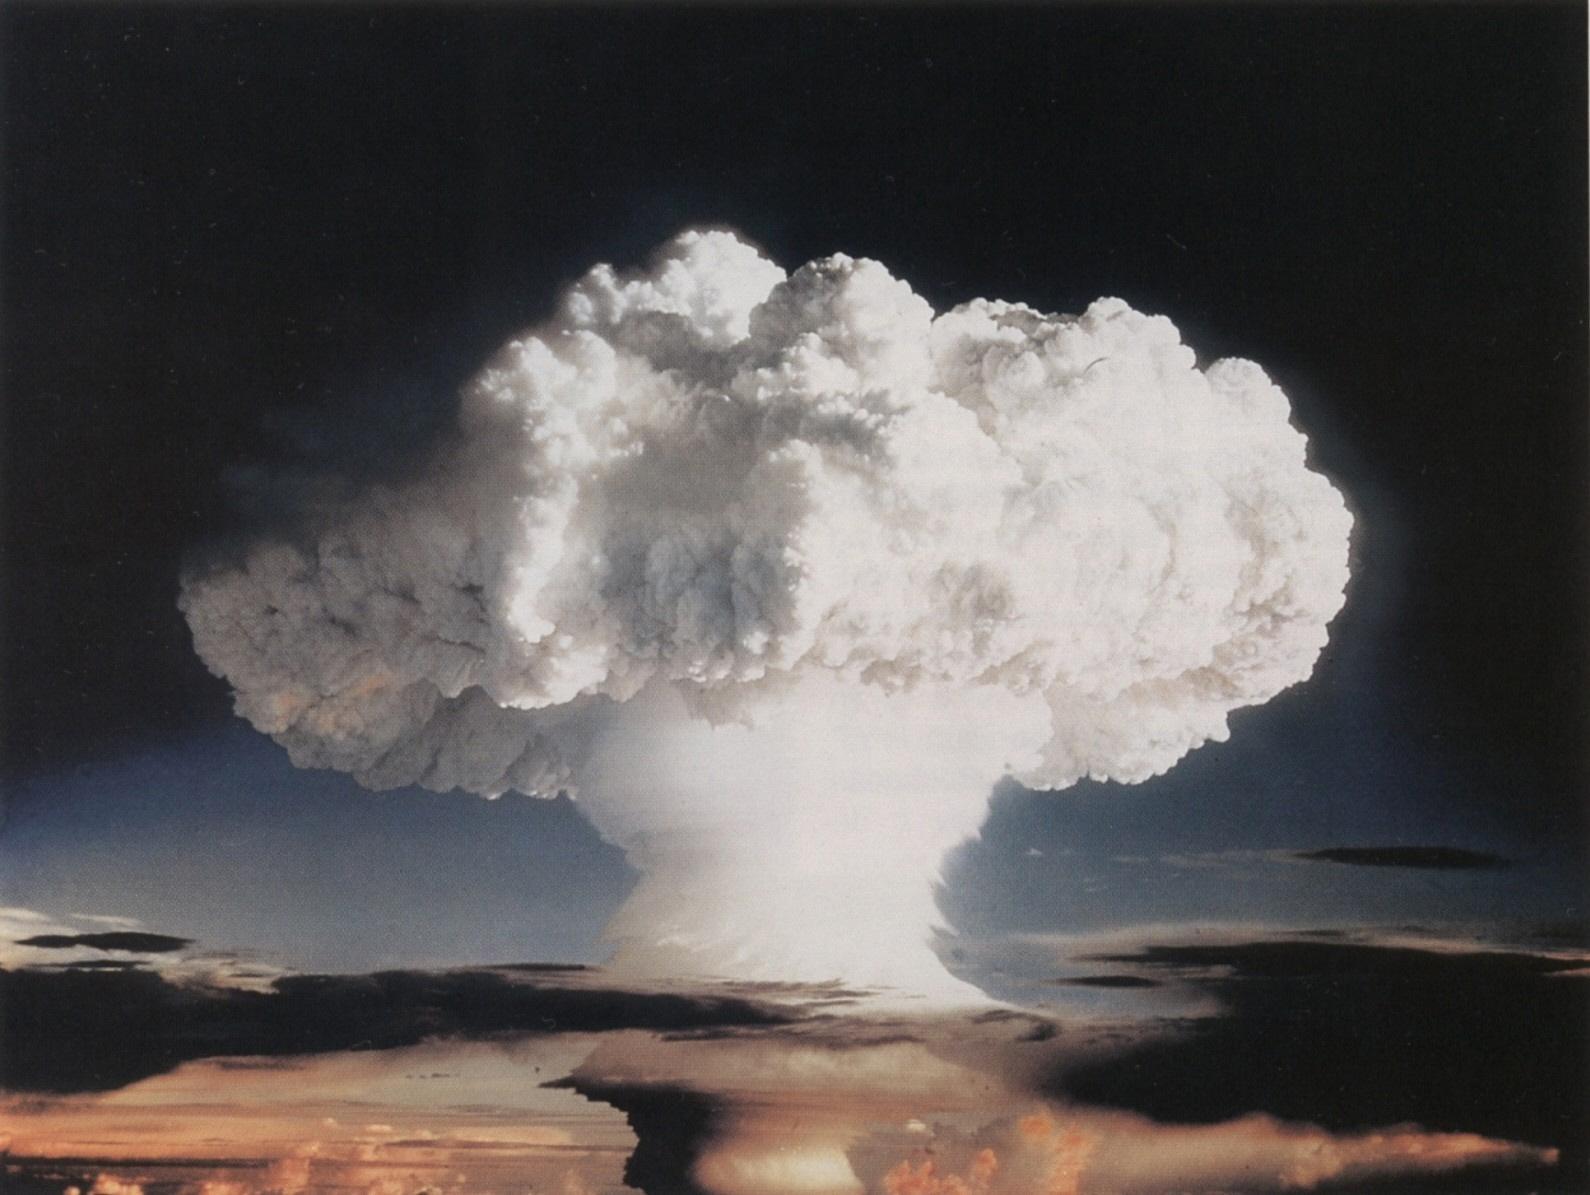 美预测美俄核冲突恐怖景象:几小时内9000万人死伤